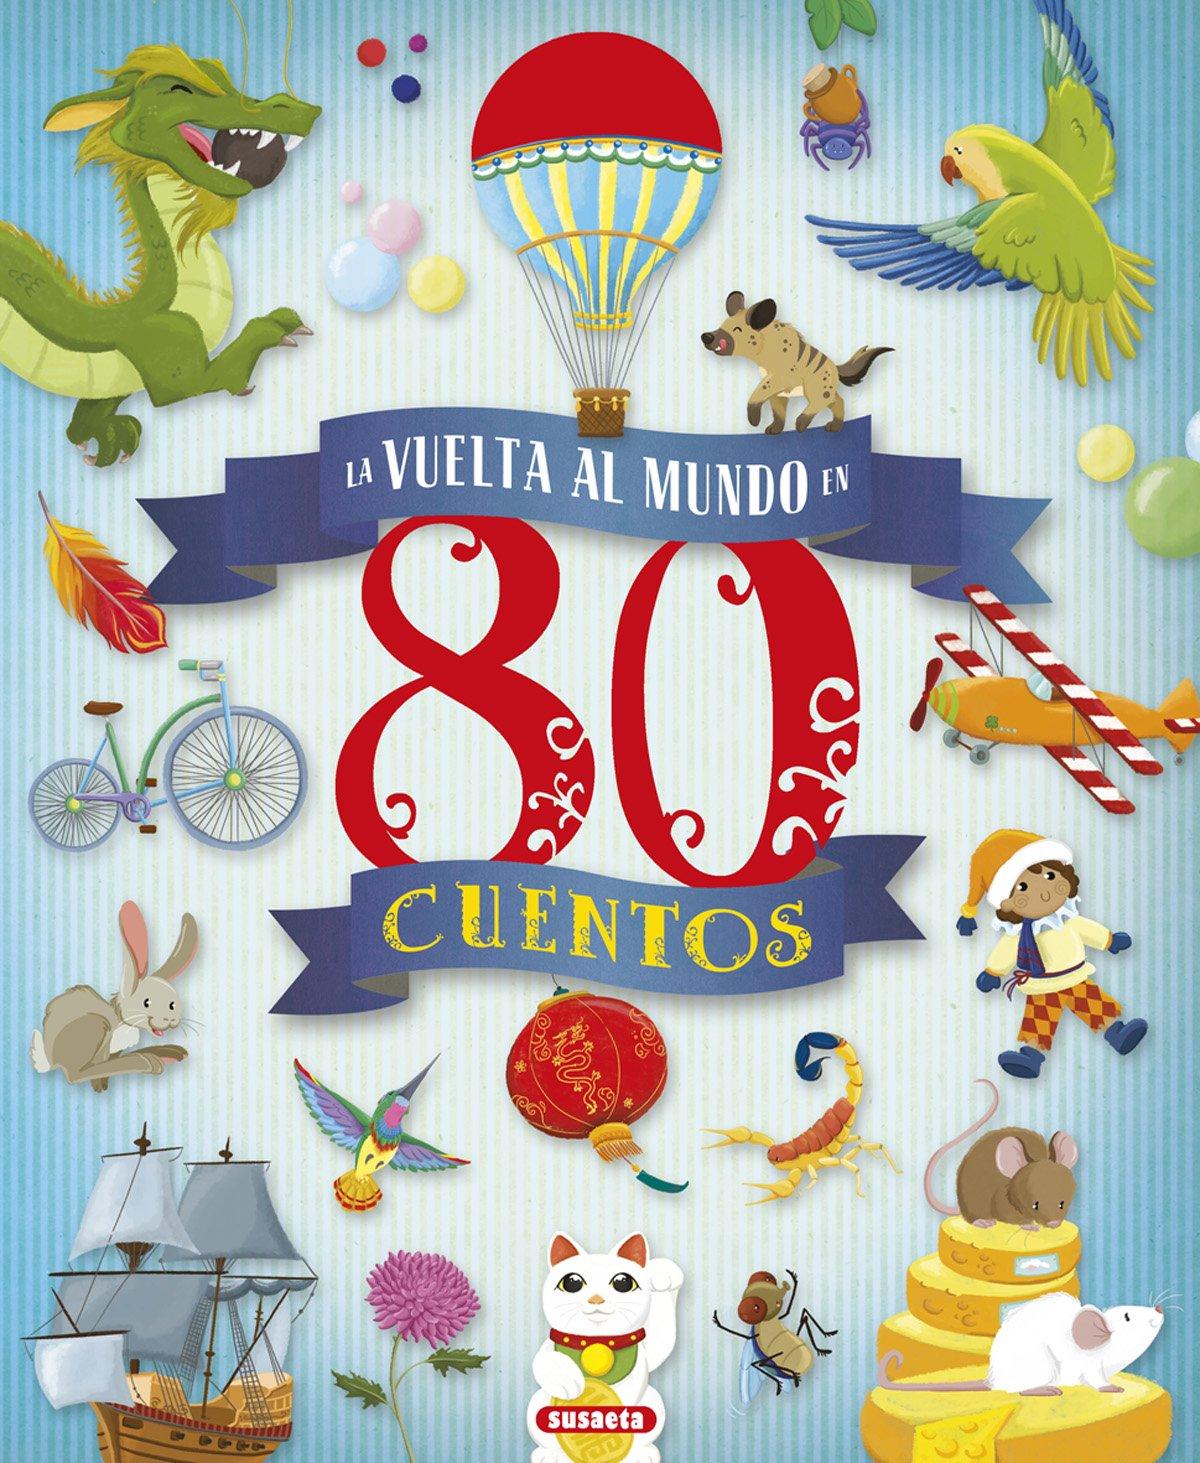 La vuelta al mundo en 80 cuentos (Spanish Edition)